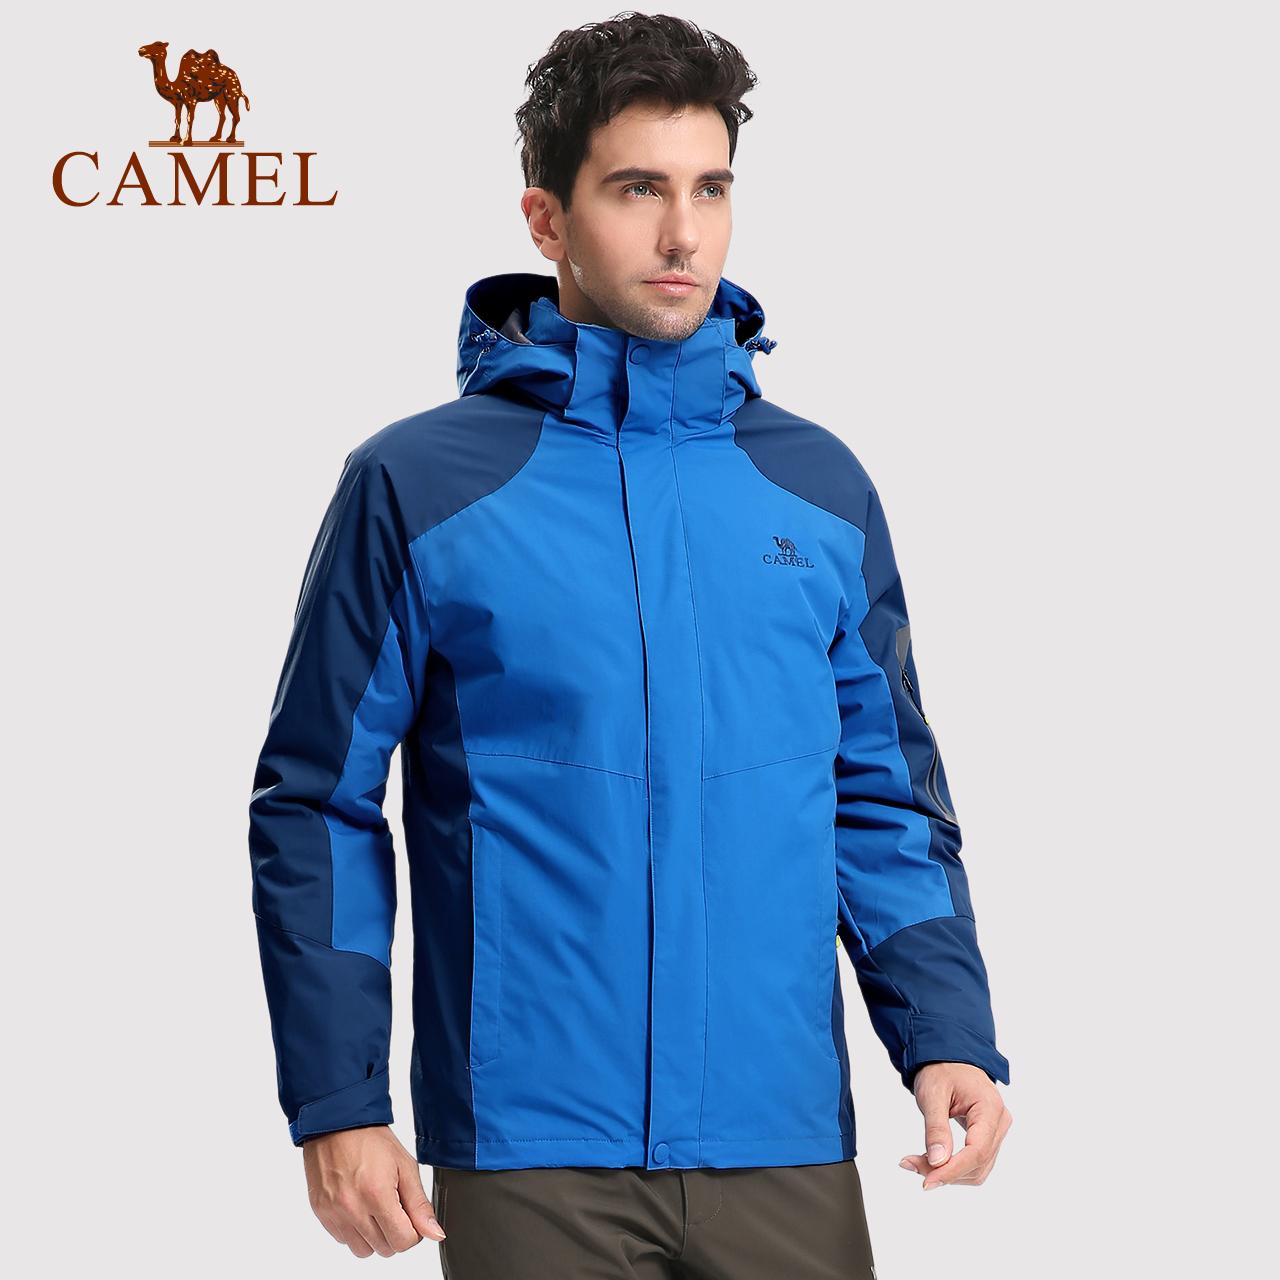 【热销2万】骆驼户外冲锋衣男女 三合一两件套可拆卸抓绒保暖外套